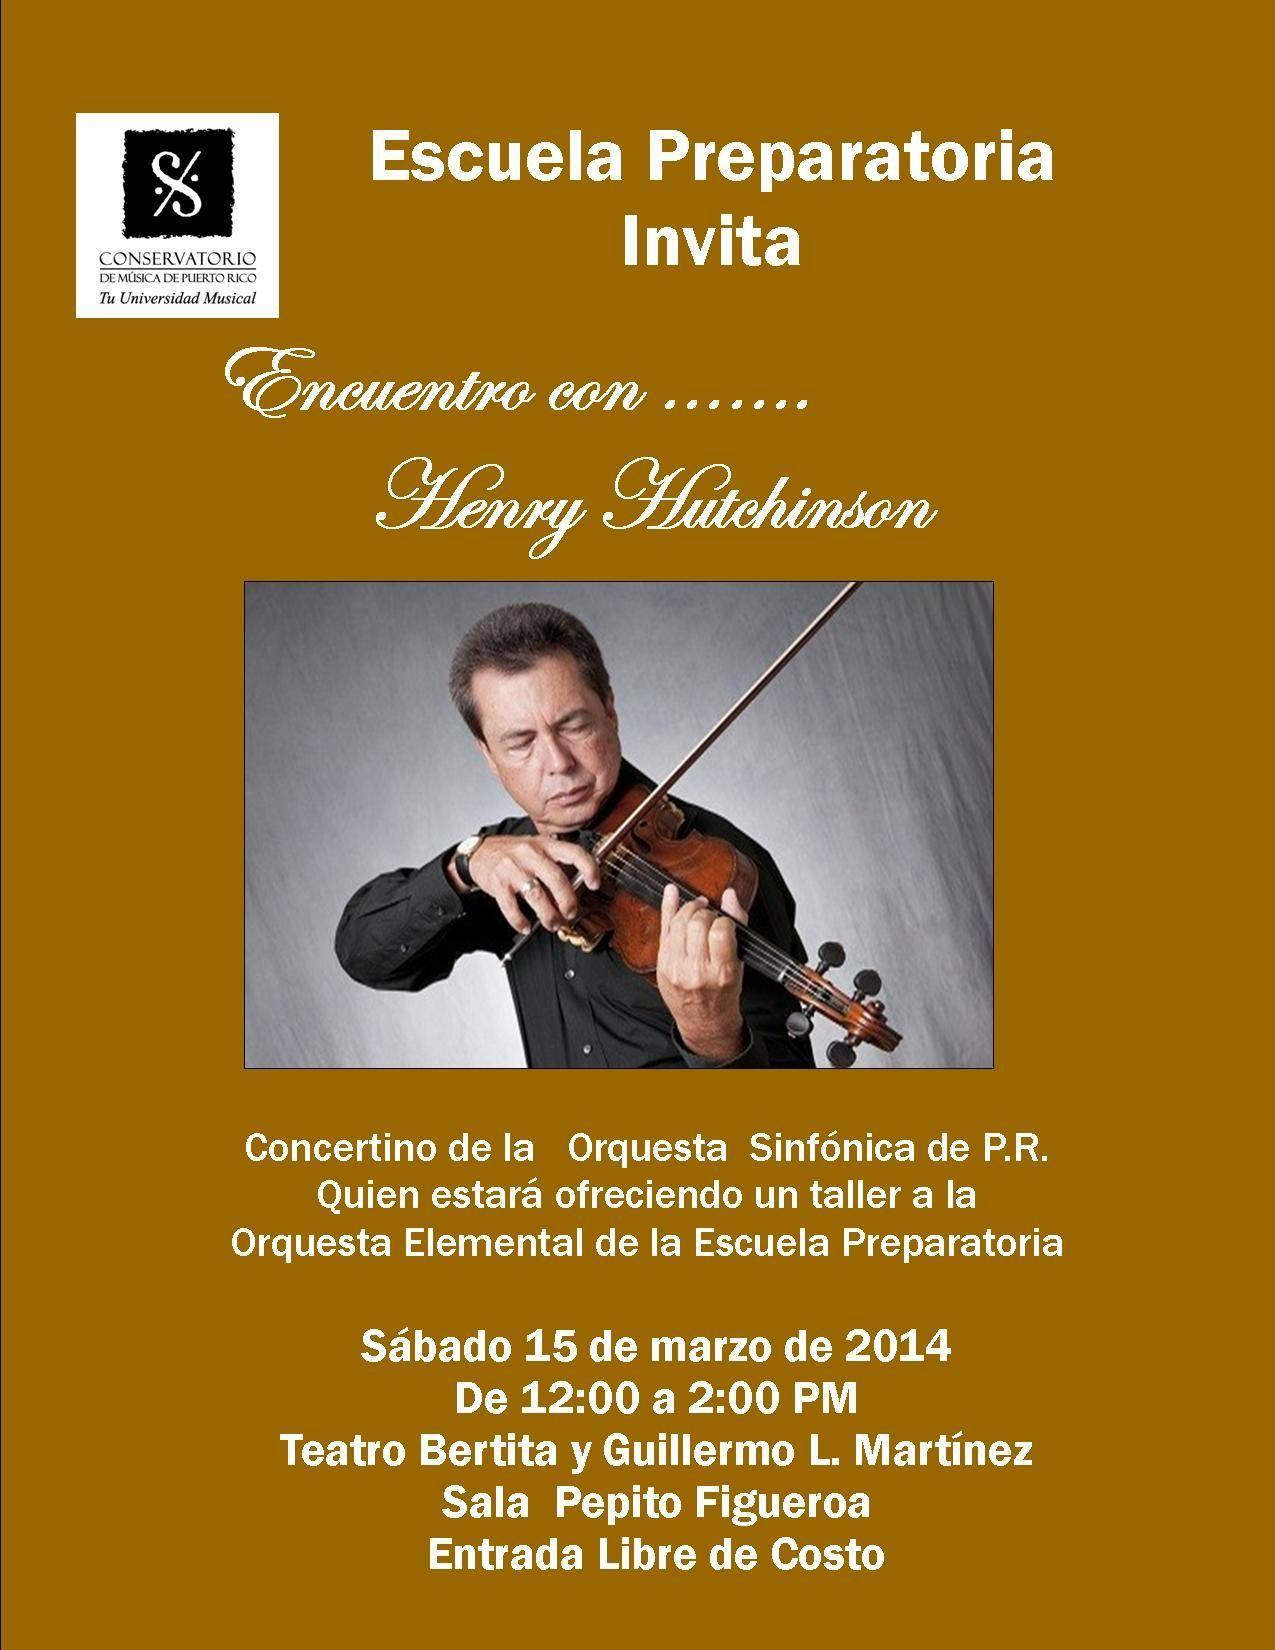 Encuentro con... Henry Hutchinson @ Conservatorio de Música de Puerto Rico, Miramar #sondeaquipr #henryhutchinson #cmpr #miramar #escuelapreparatoria